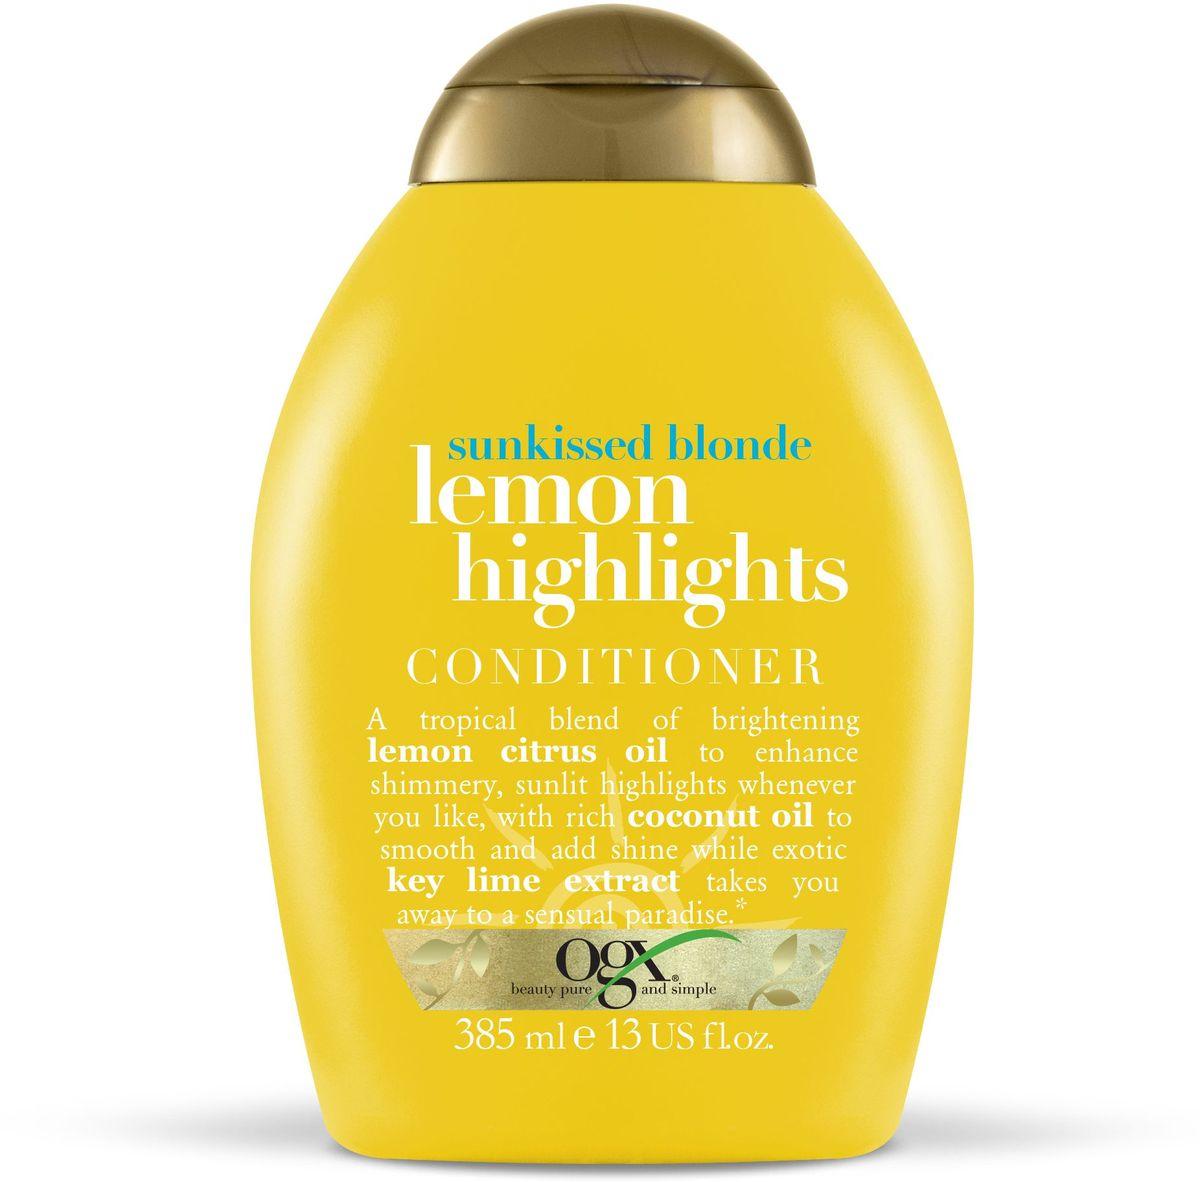 OGX Кондиционер для сияния цвета с экстрактом лимона Солнечный блонд, 385 мл.FS-00897Кондиционер для сияния цвета с экстрактом лимона – увлажняет и сохраняет влагу изнутри, борется с пушением. Делают цвет более ярким и сияющим. Наполняет волосы силой и жизненной энергией